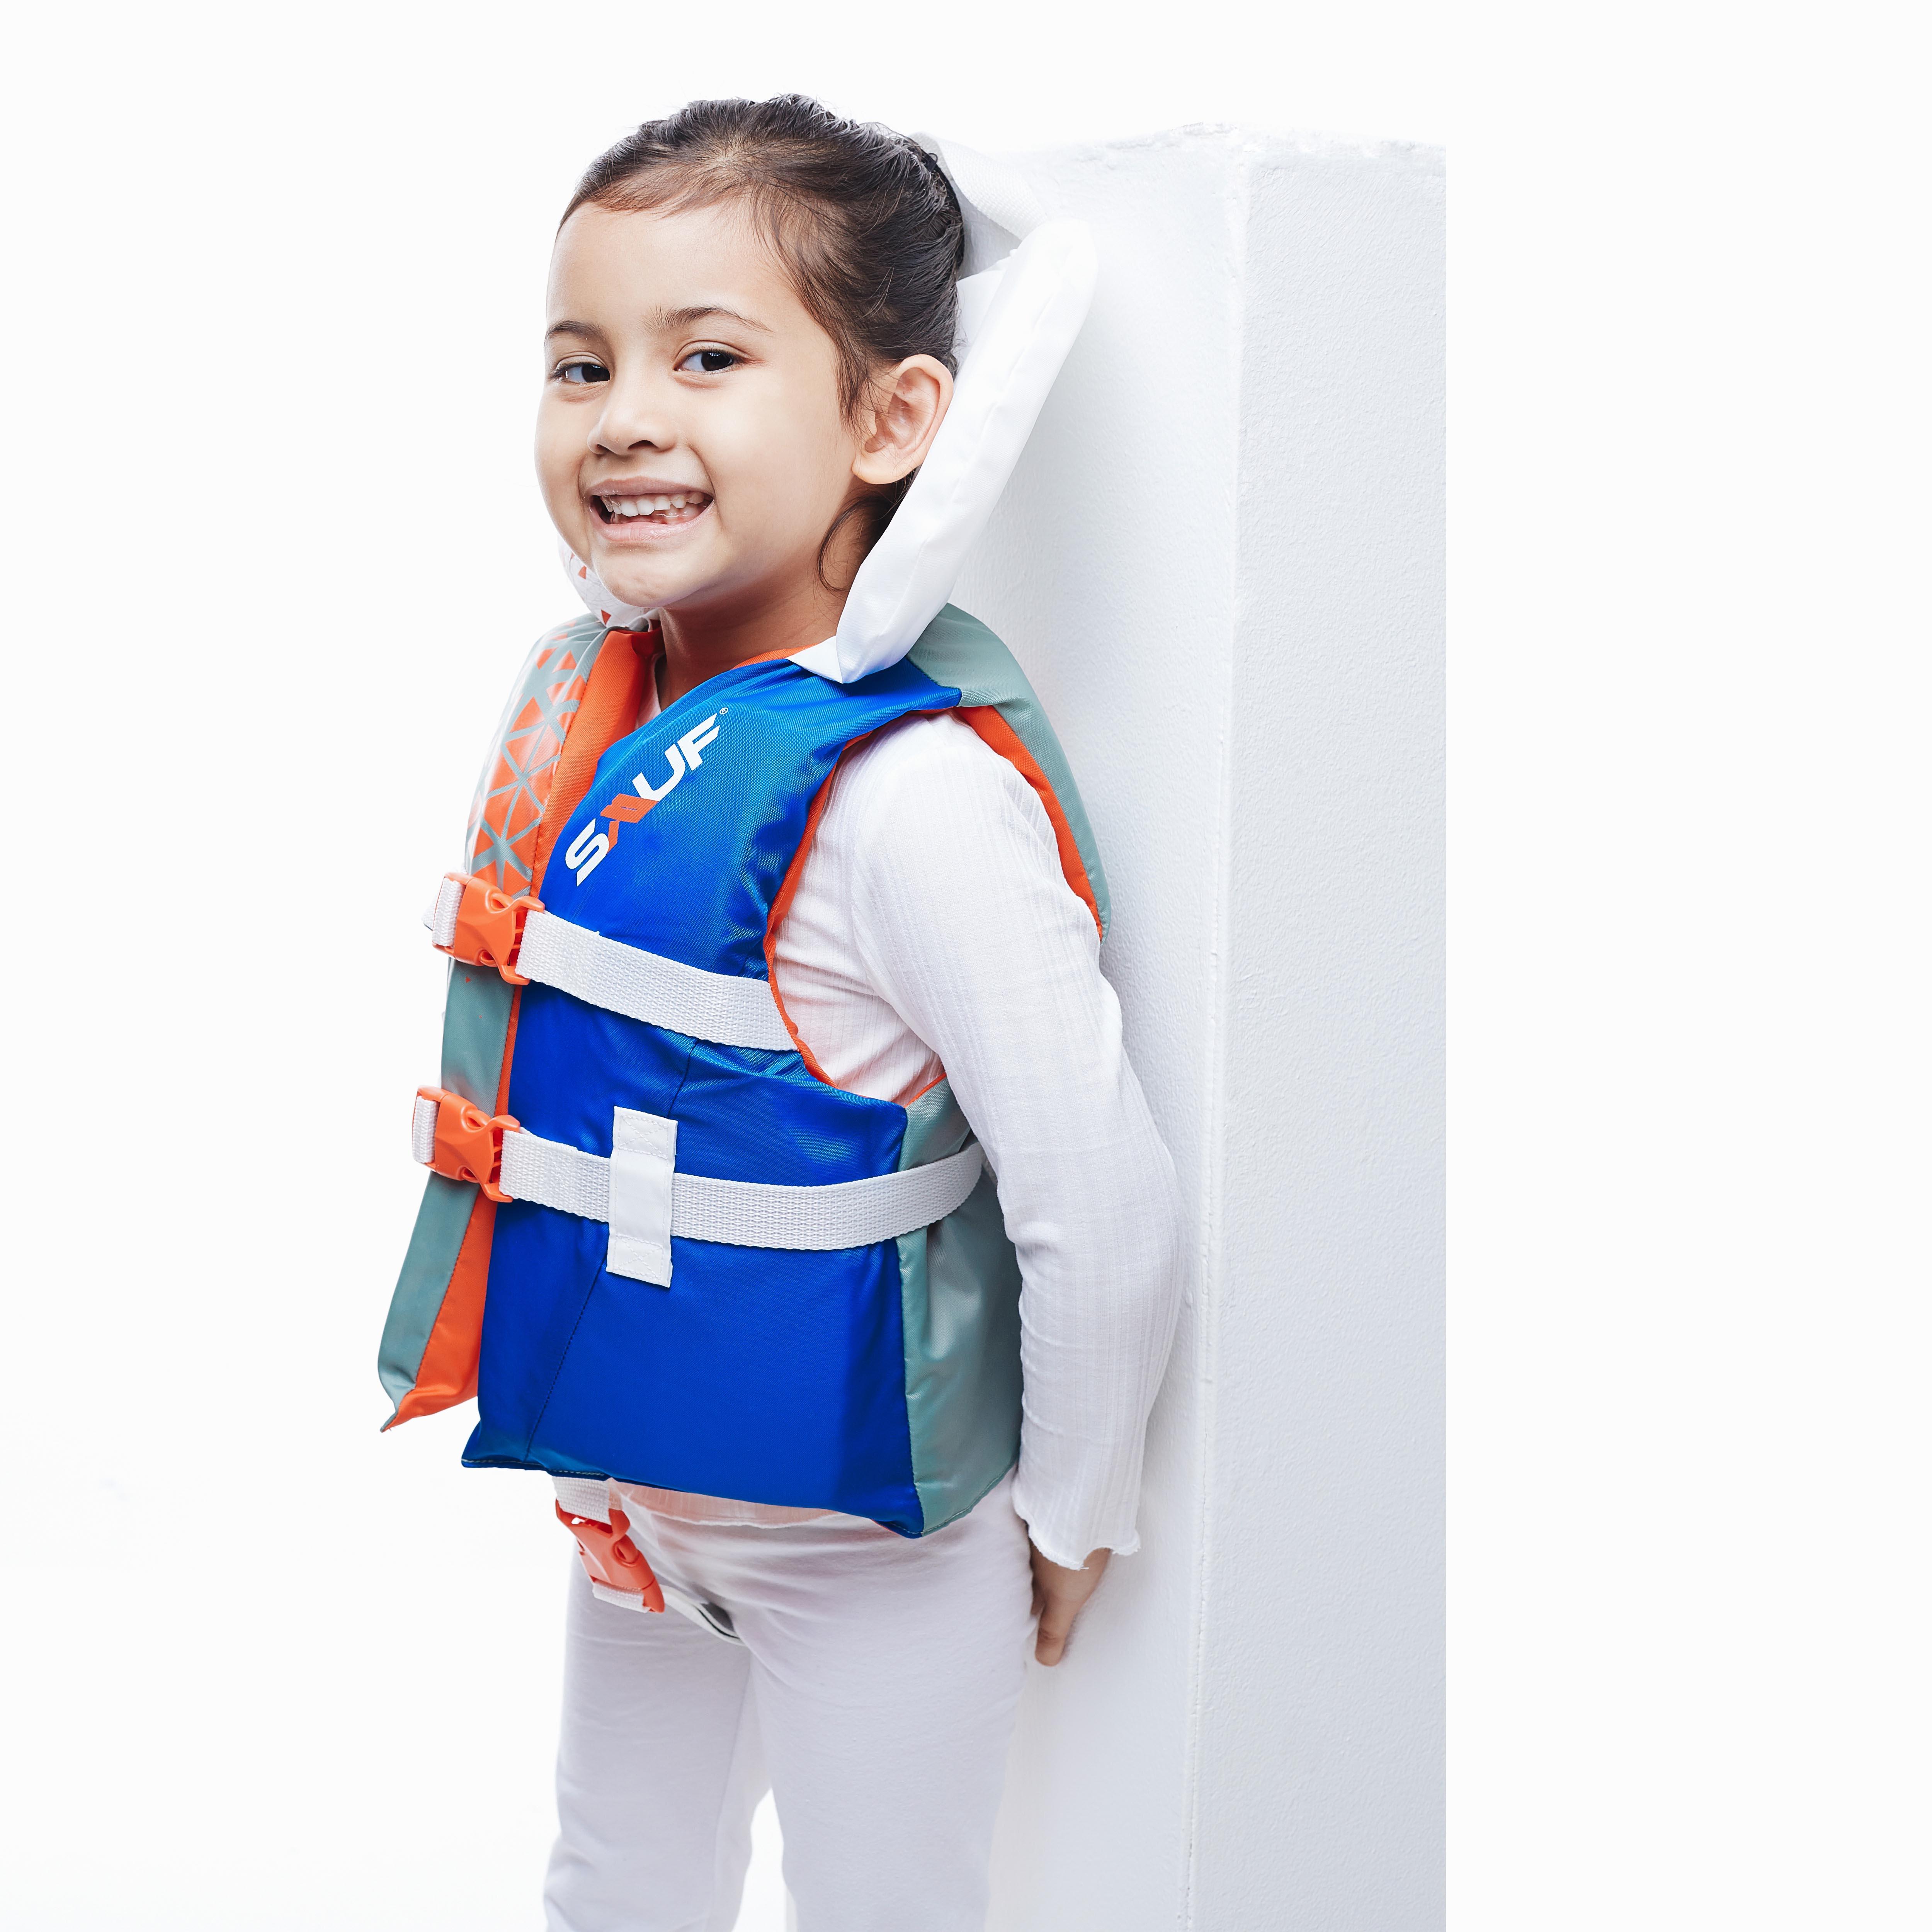 life vest for kids